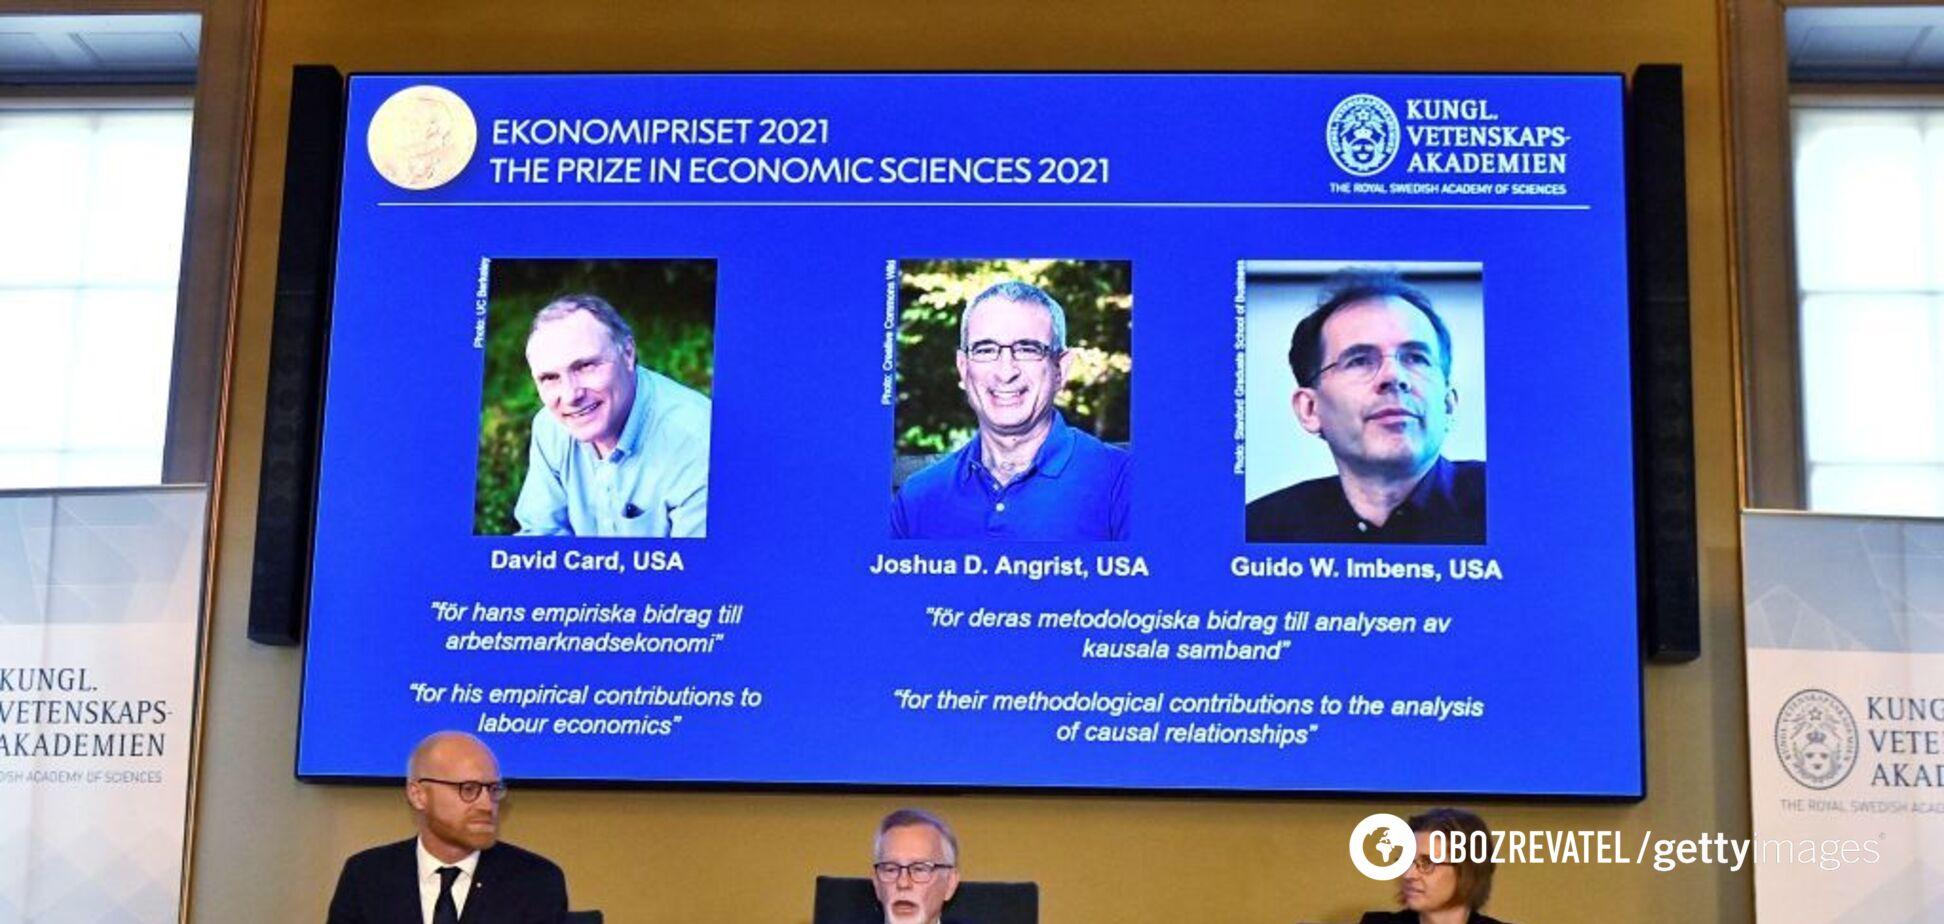 Названы лауреаты премии по экономике памяти Альфреда Нобеля